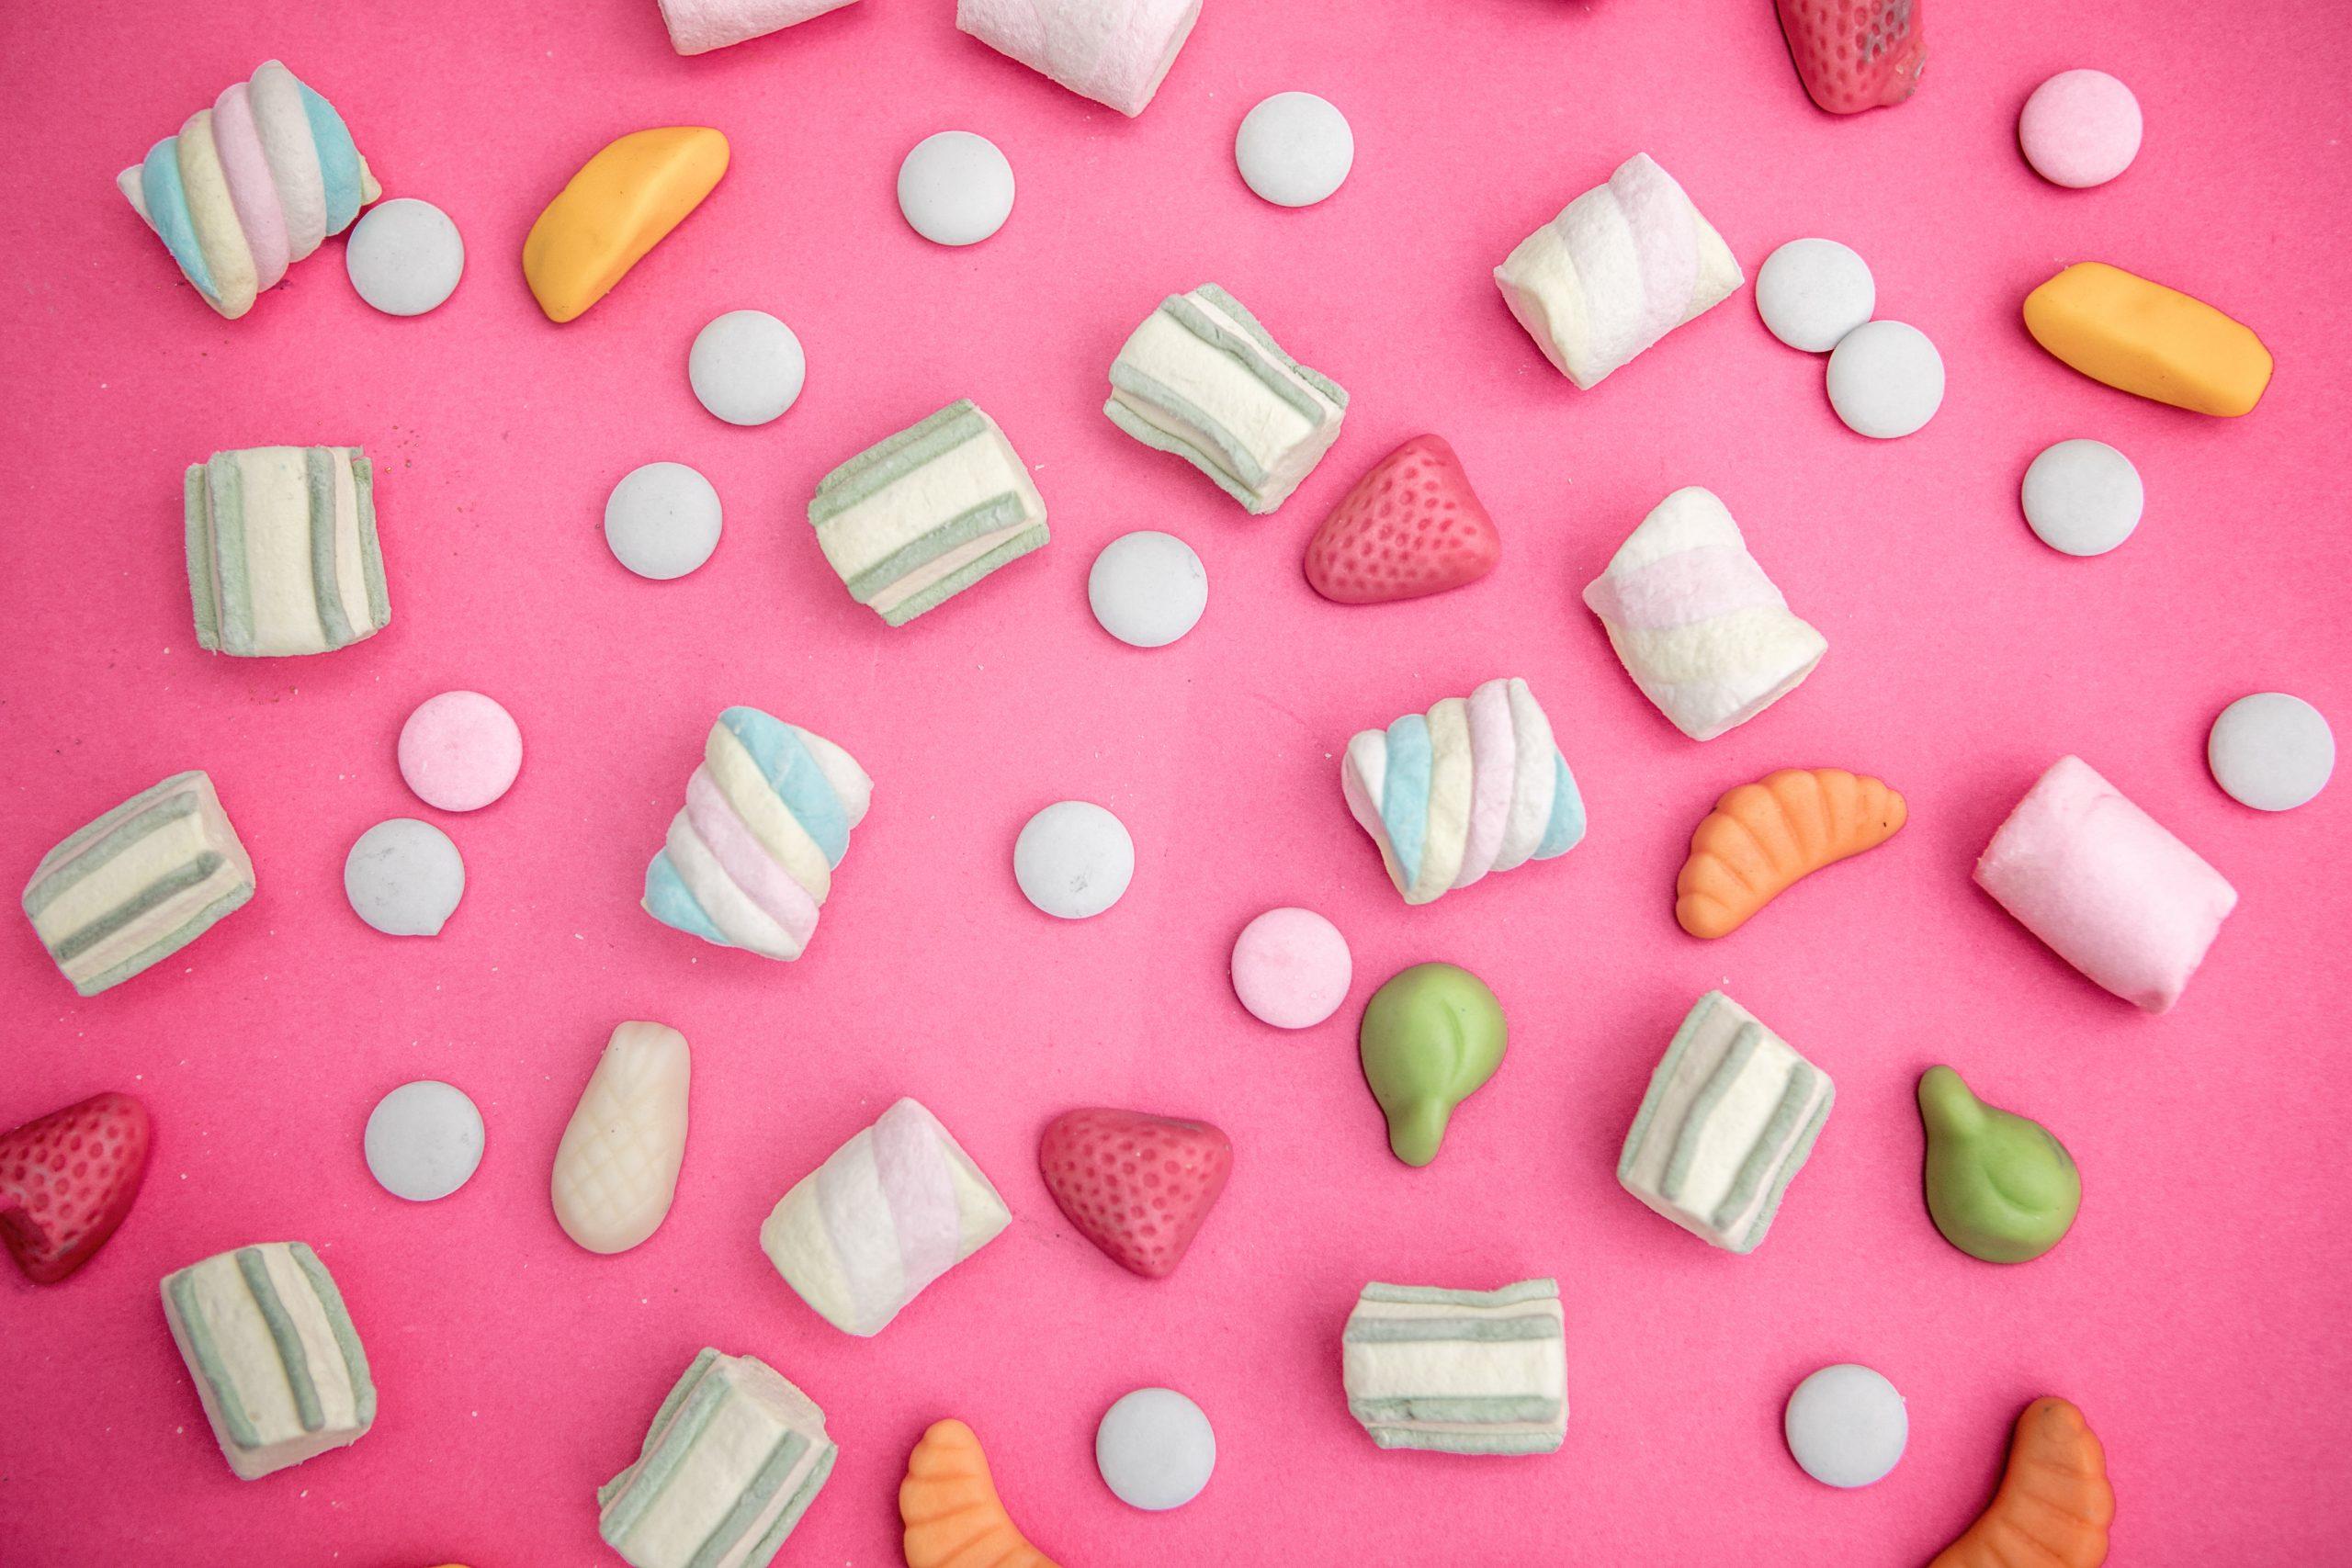 un assortiment de bonbons sur un fond rose